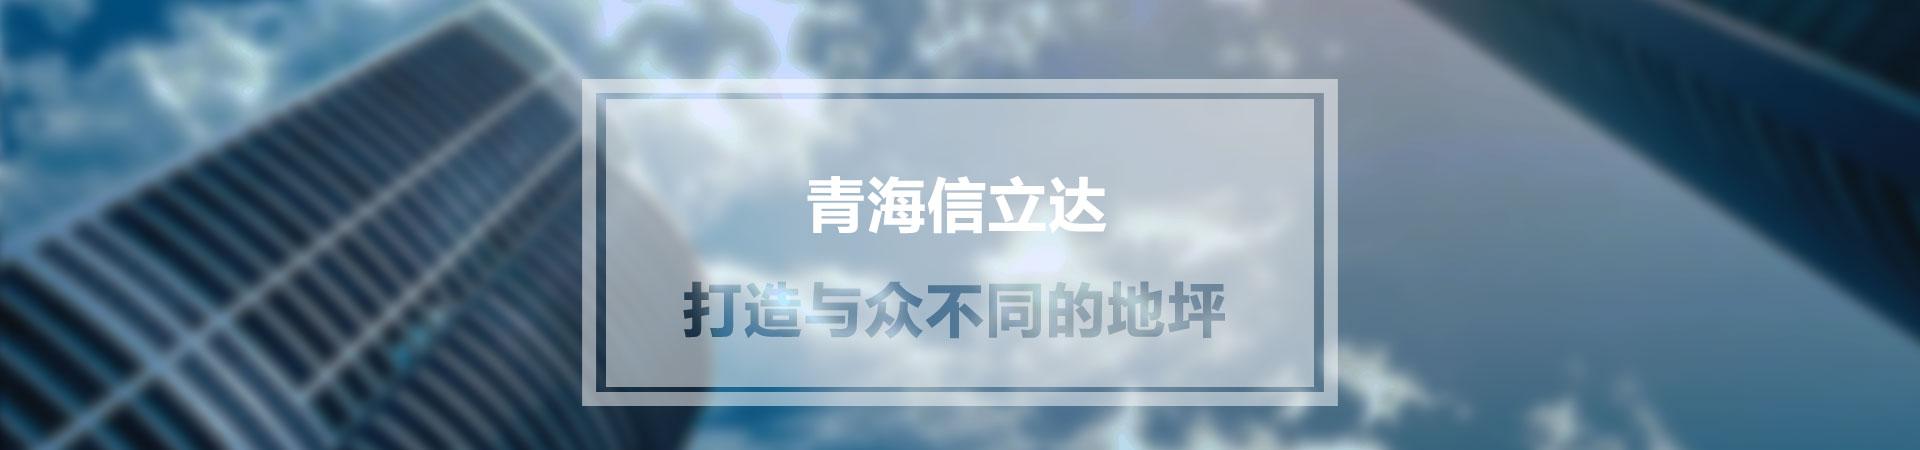 青海麻豆文化傳媒app有限公司